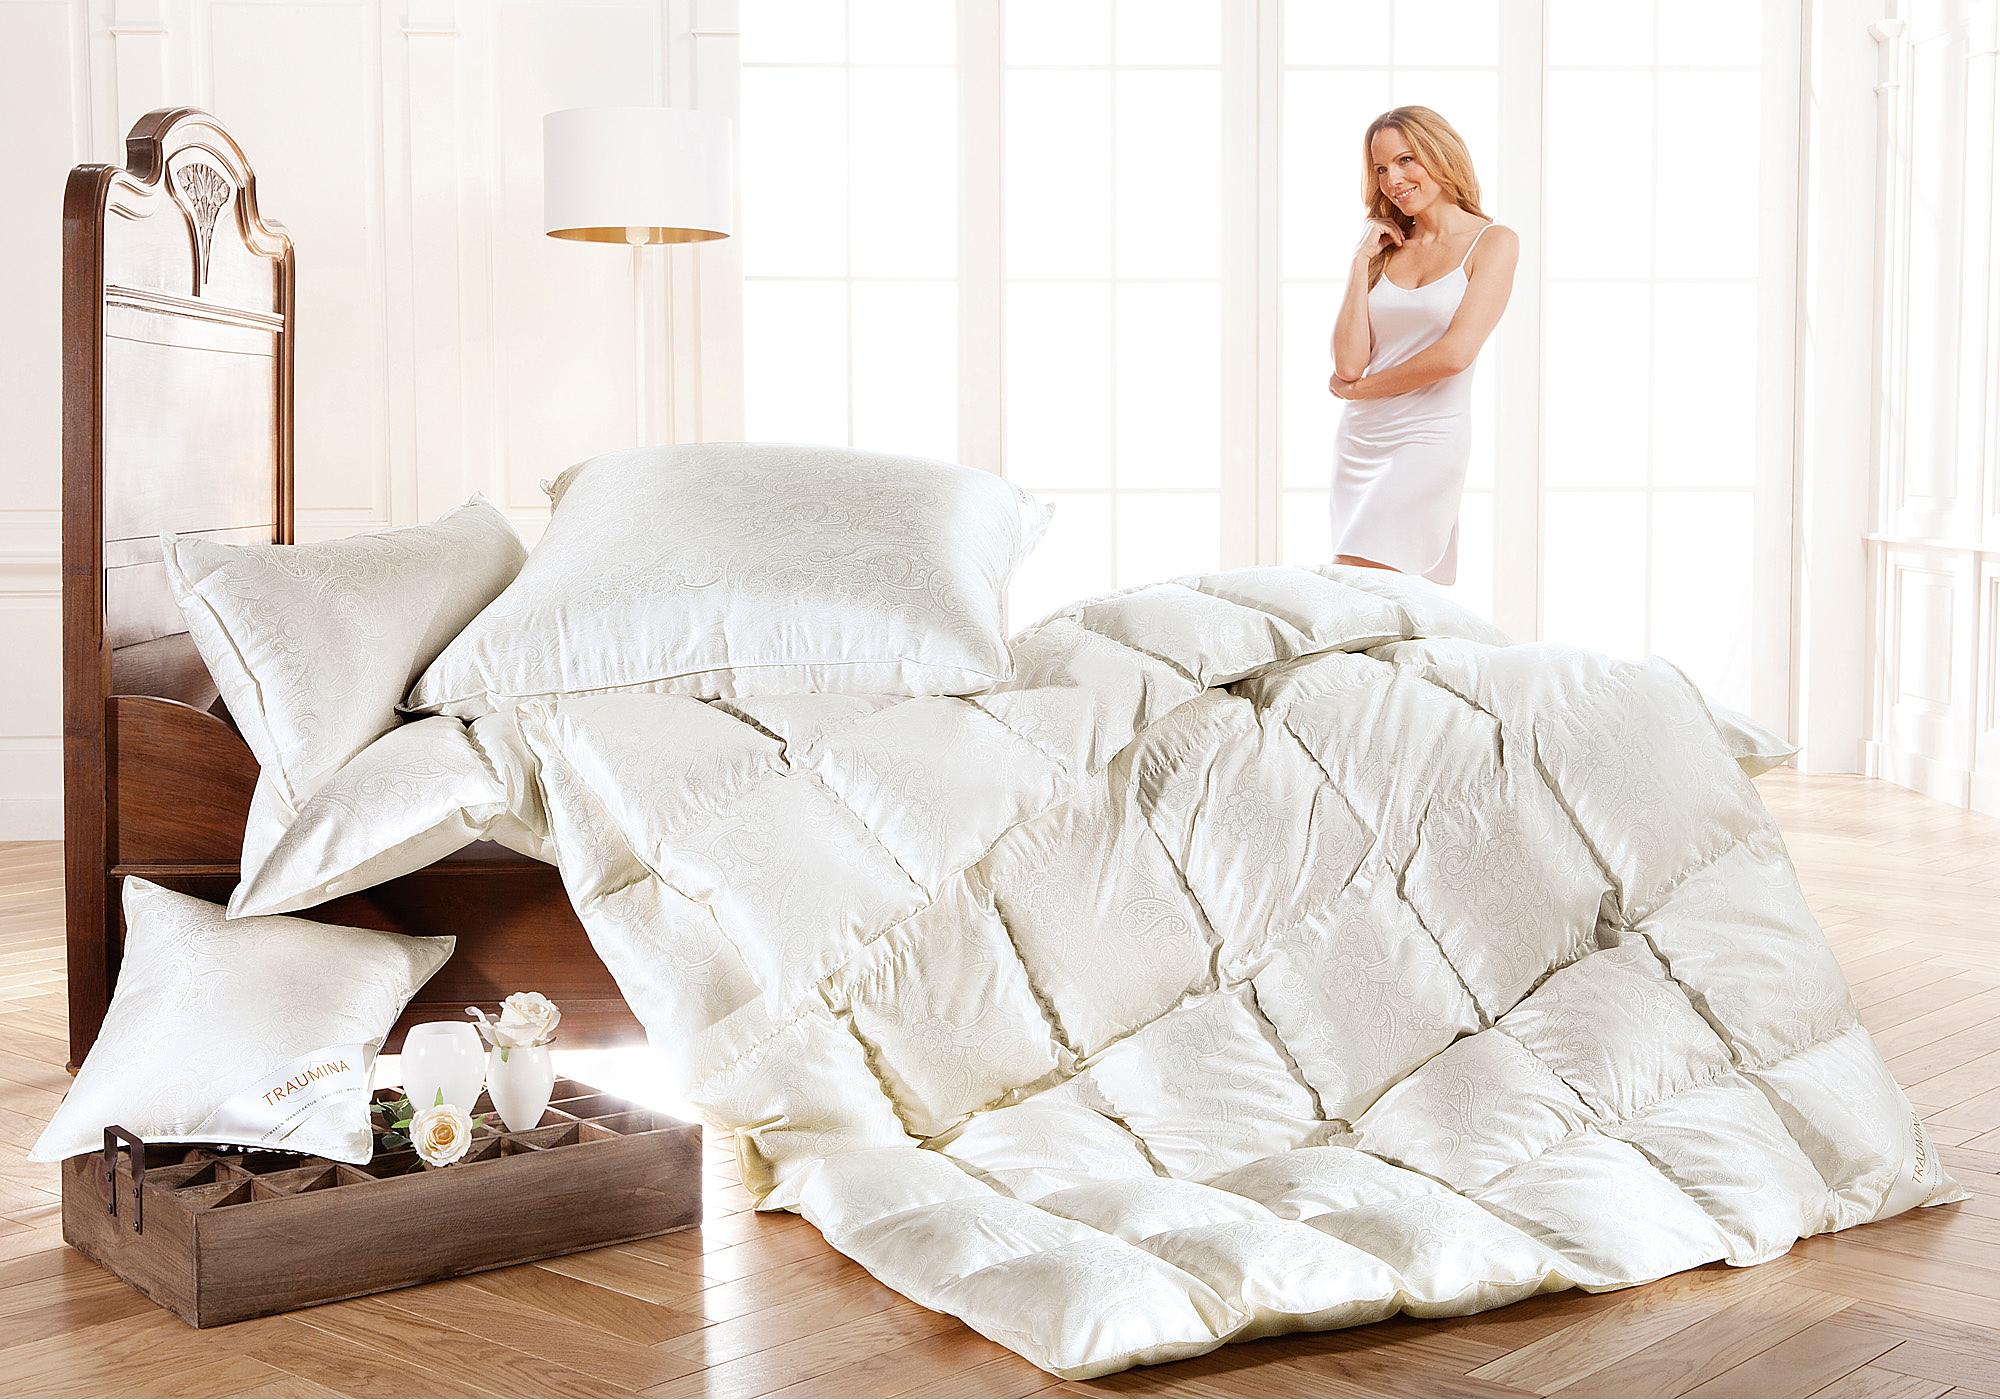 Как выбрать хорошее одеяло?